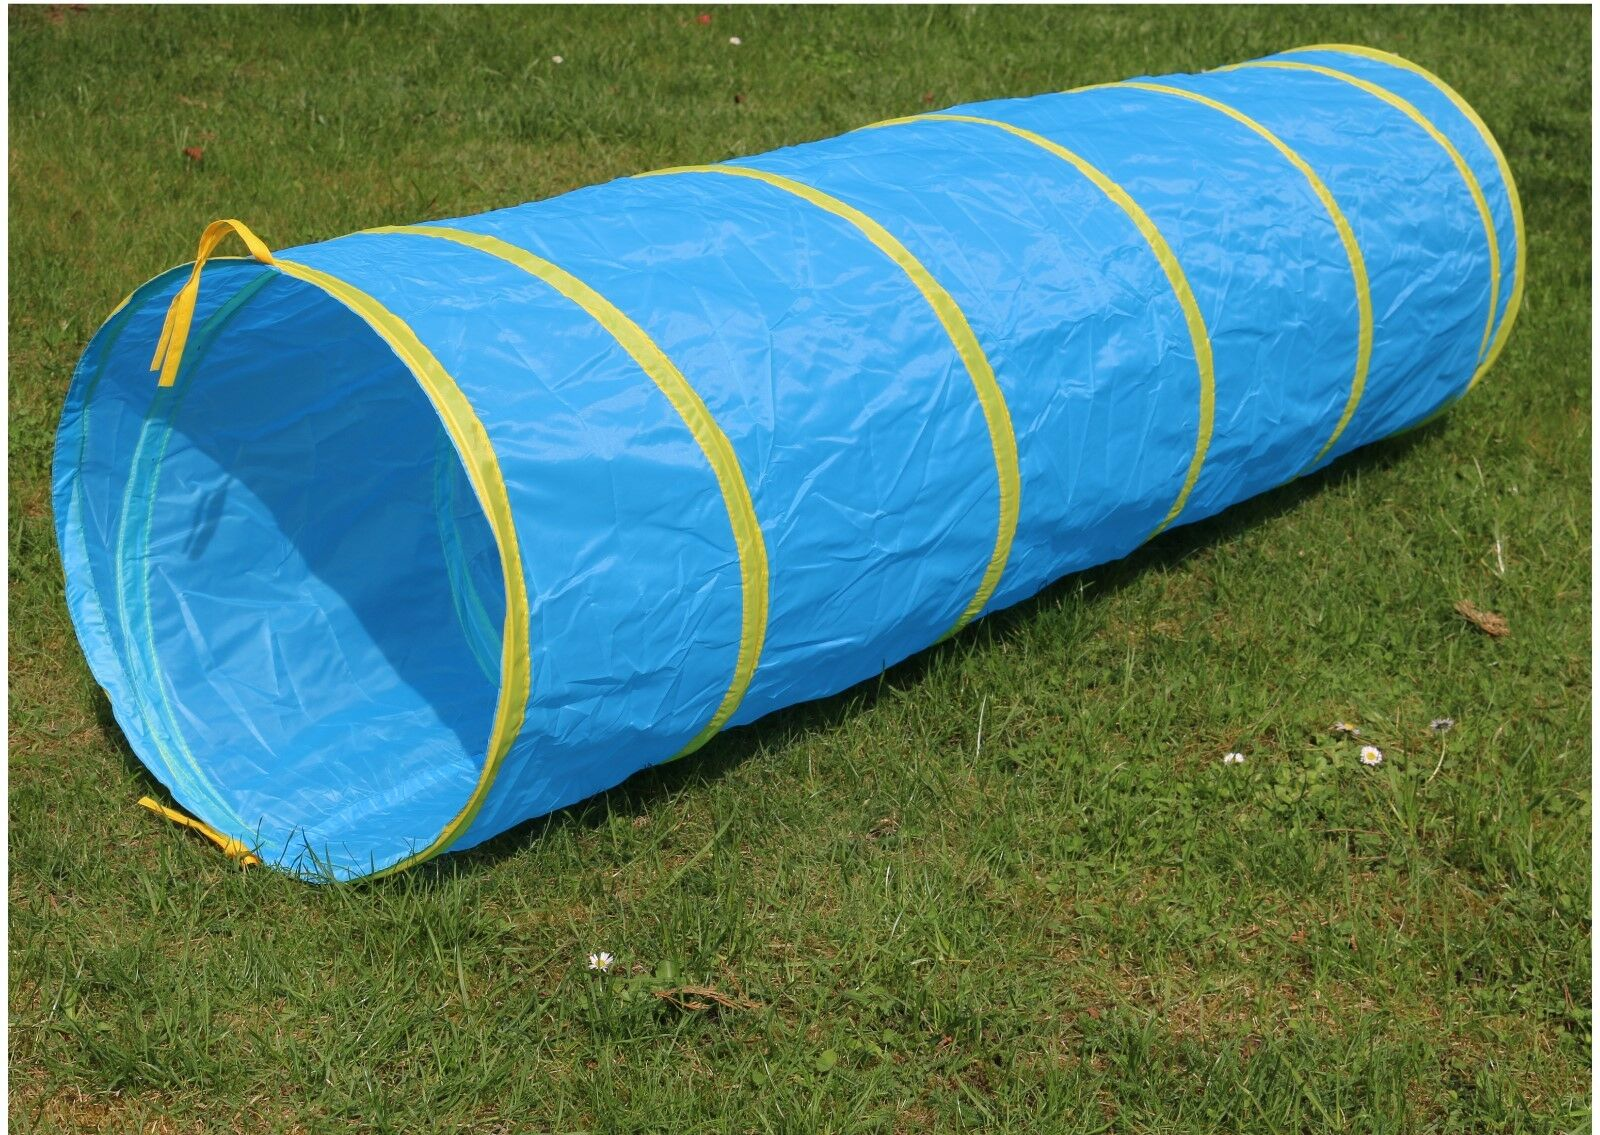 XXL Kriechtunnel 180cm lang Krabbeltunnel für Kinder ab 2 Spieltunnel Outdoor